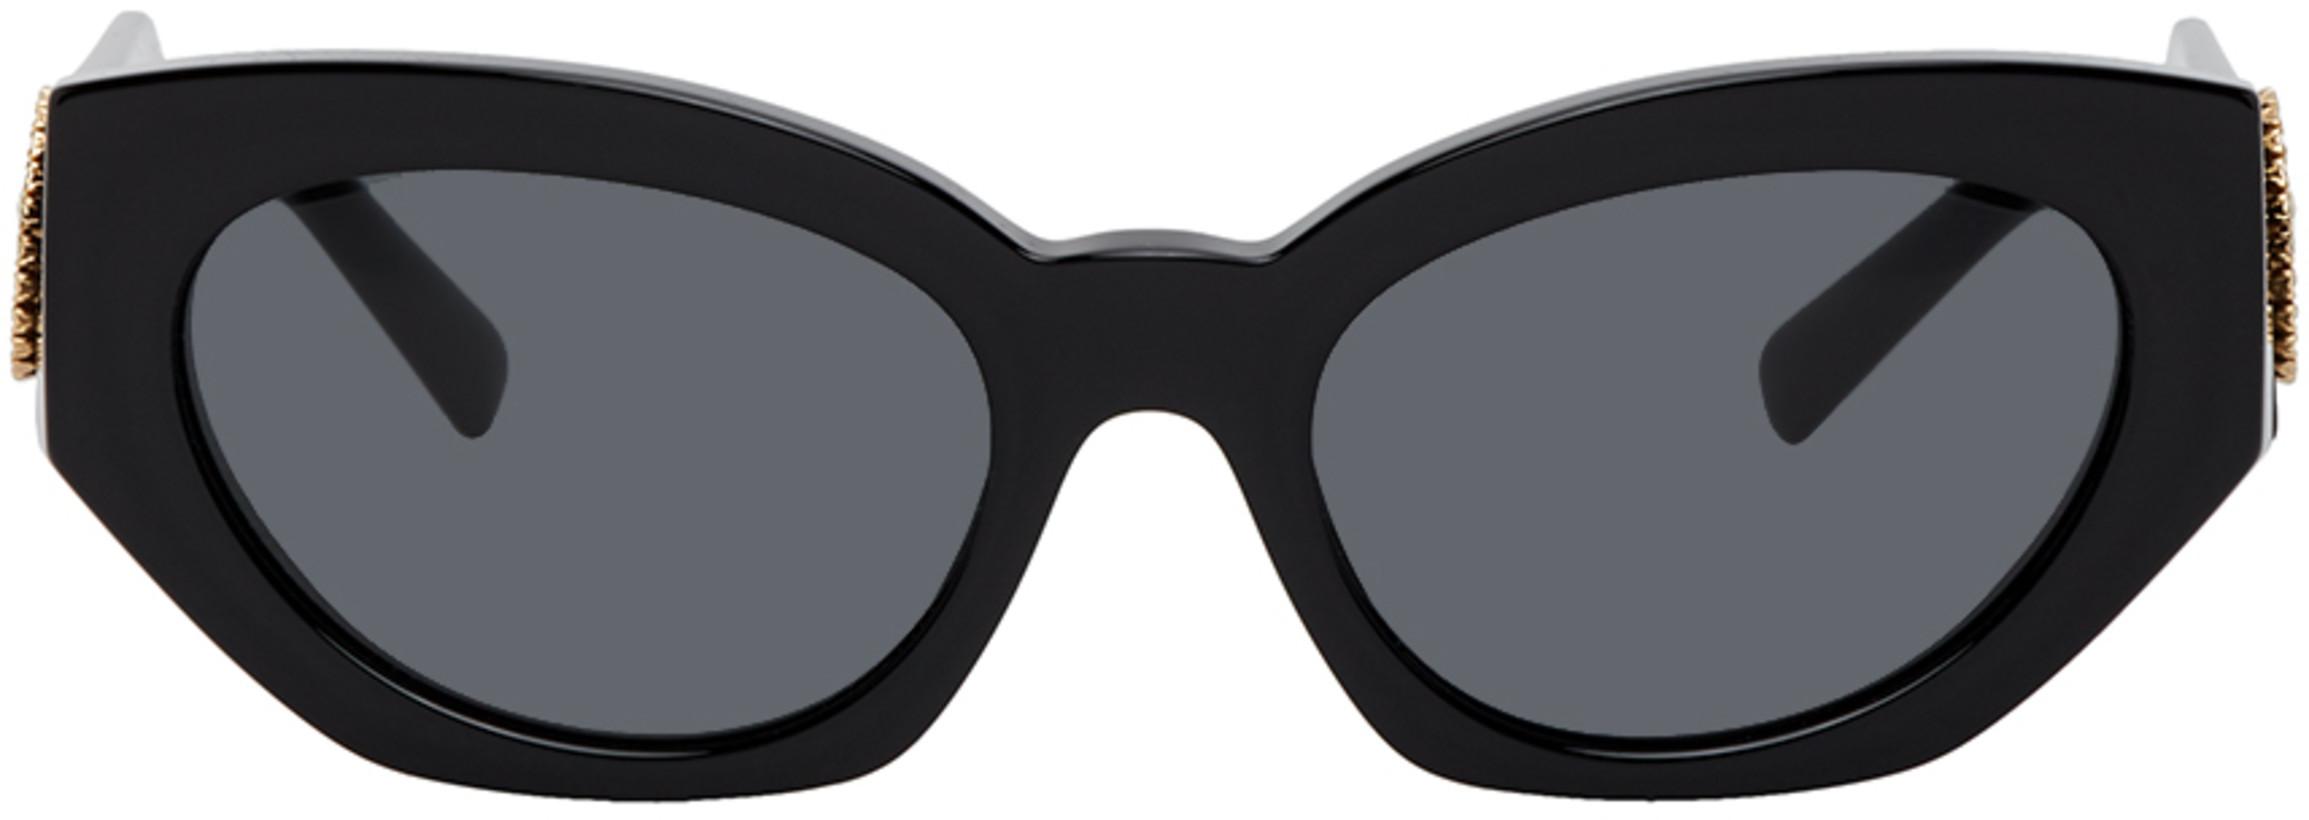 Versace Black Medusa Crystal Sunglasses